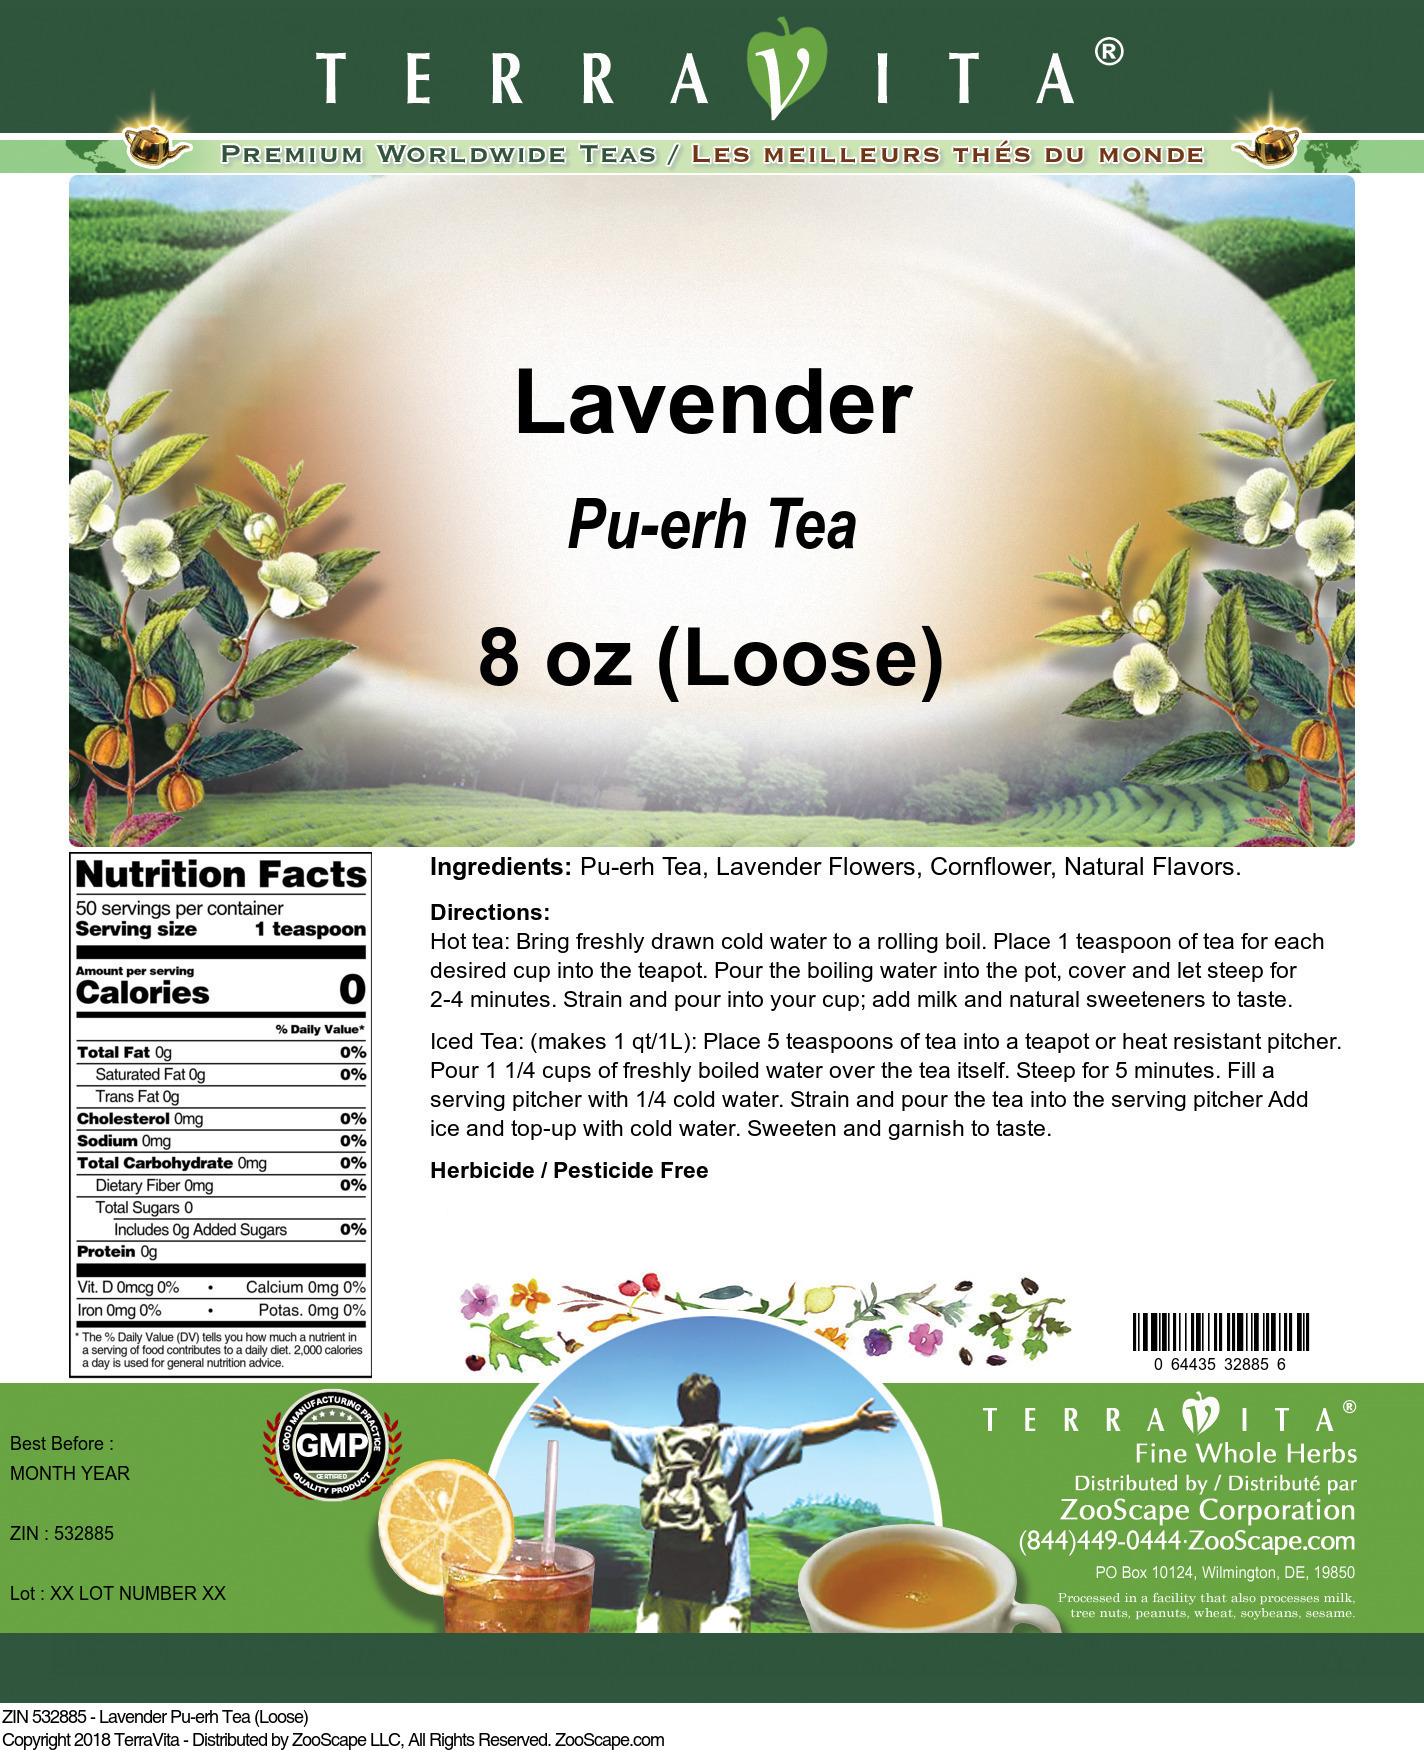 Lavender Pu-erh Tea (Loose)